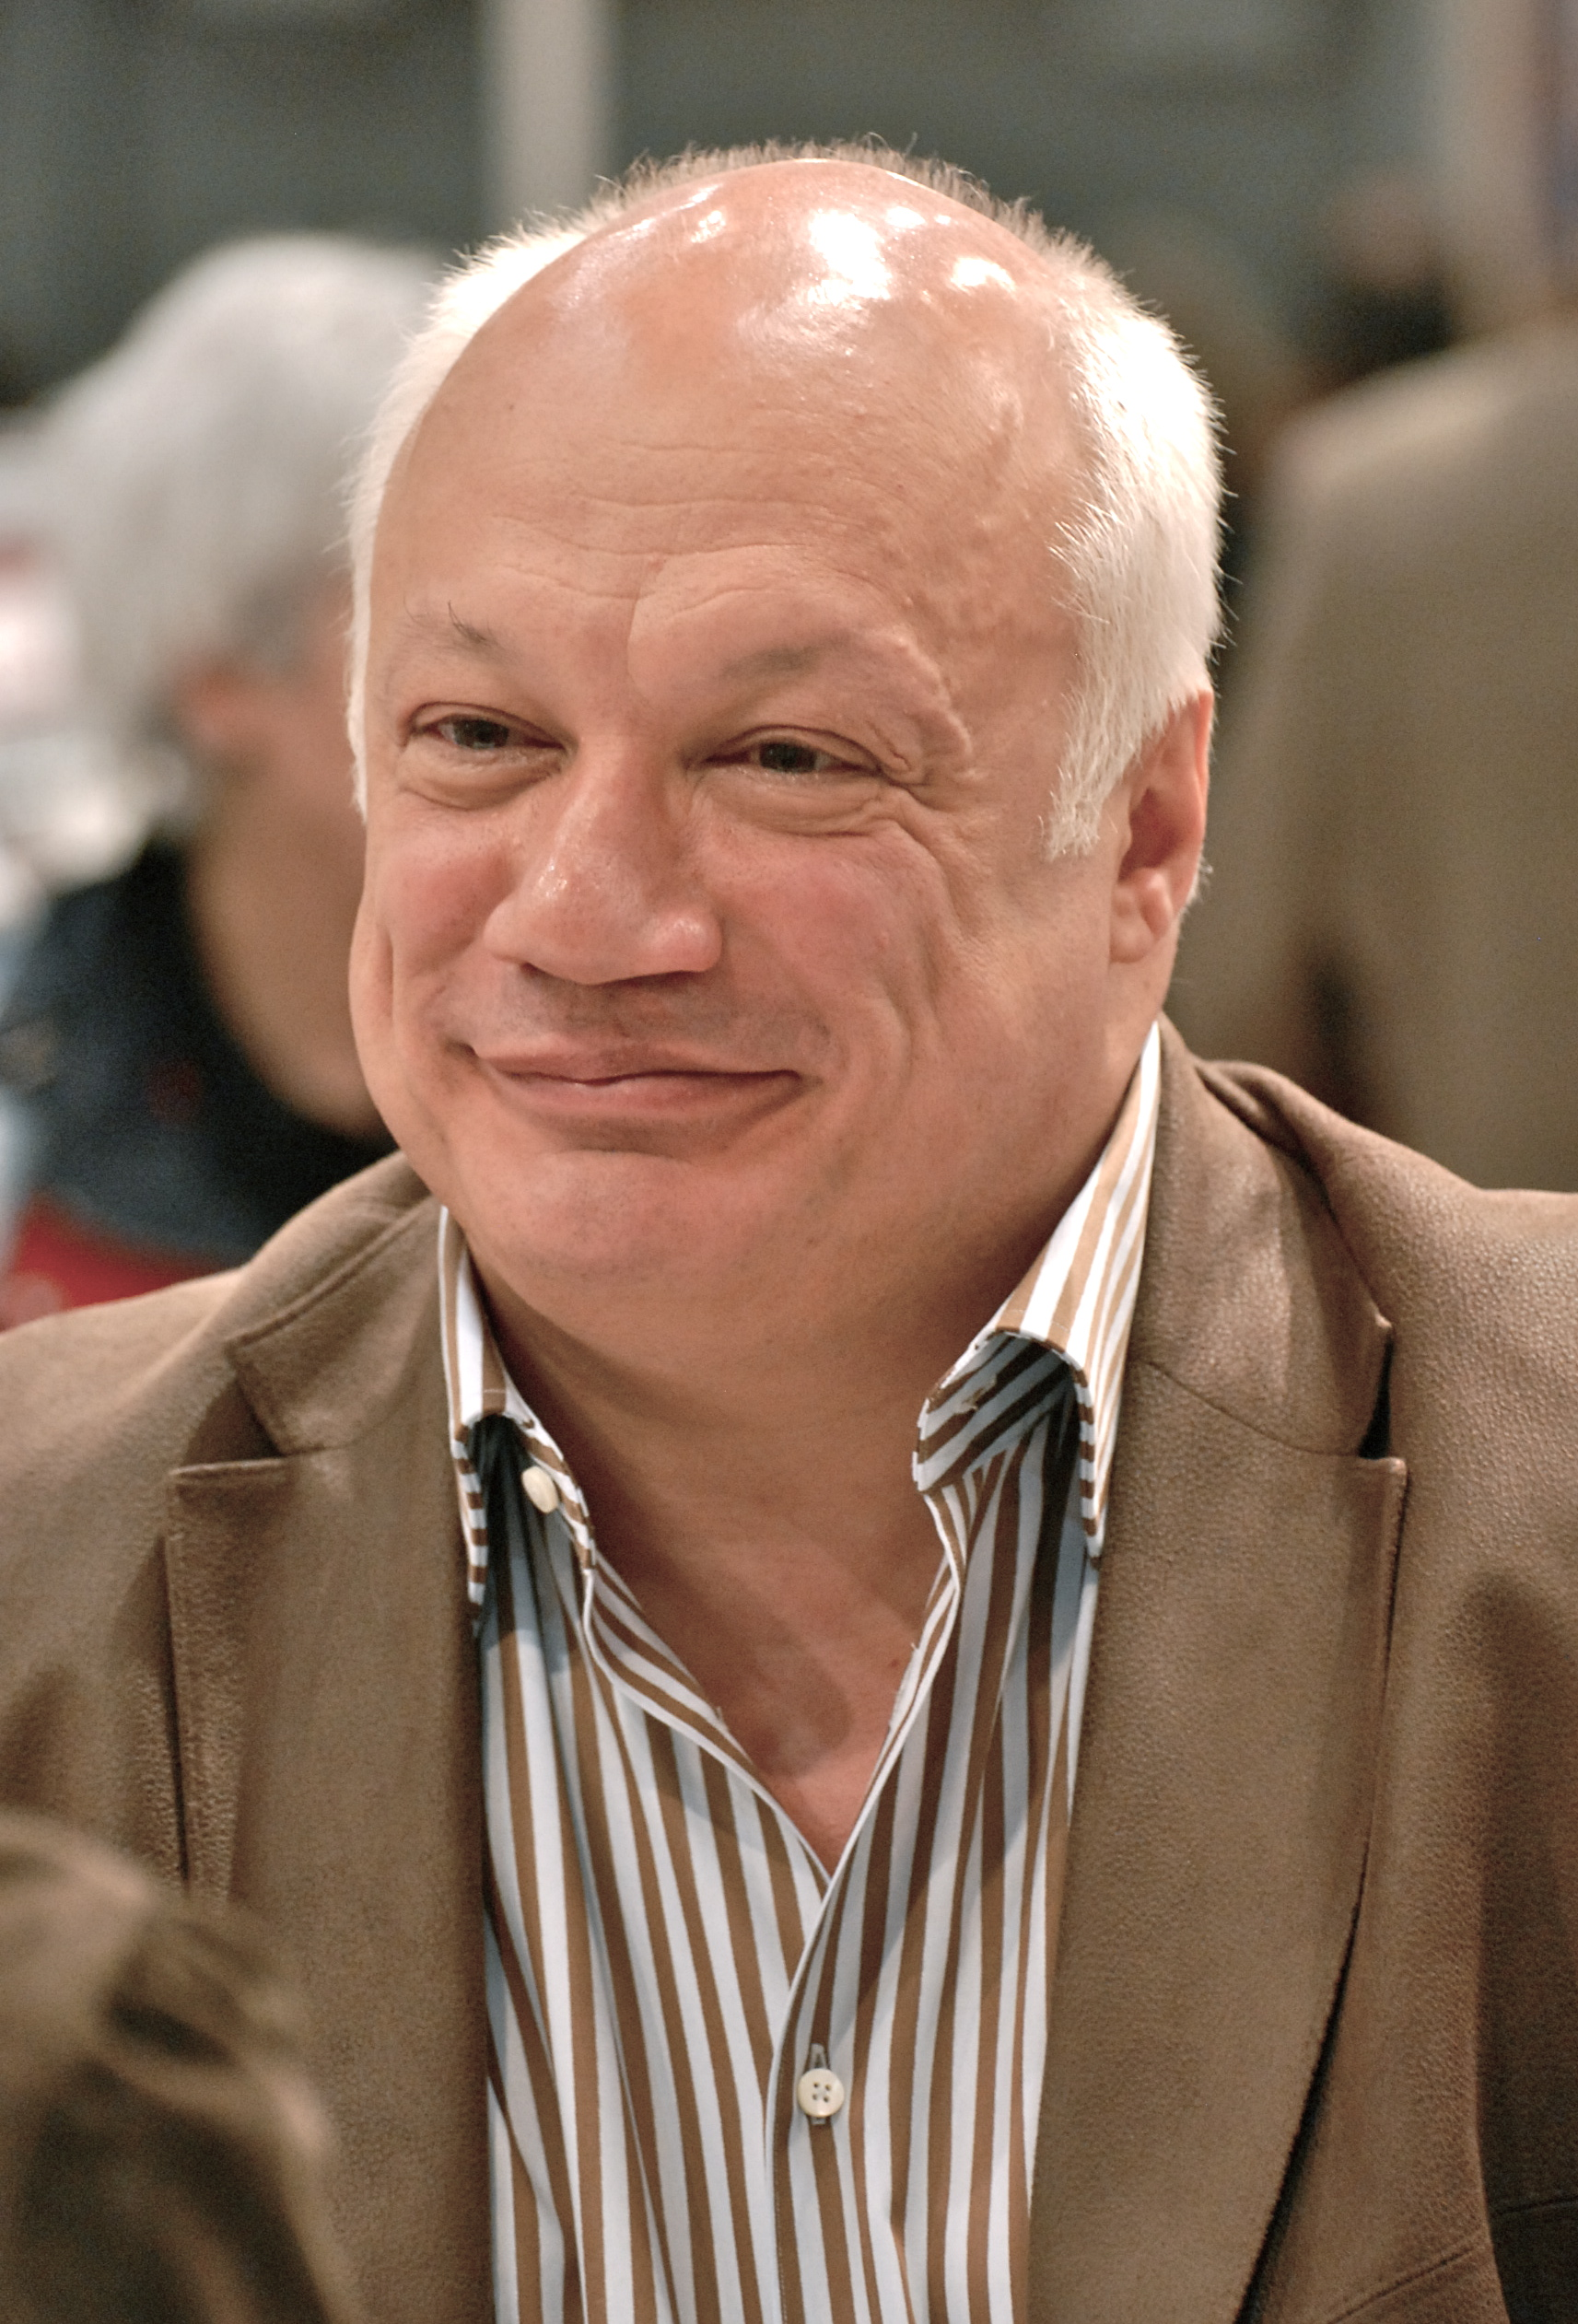 ric emmanuel schmitt wikipedia